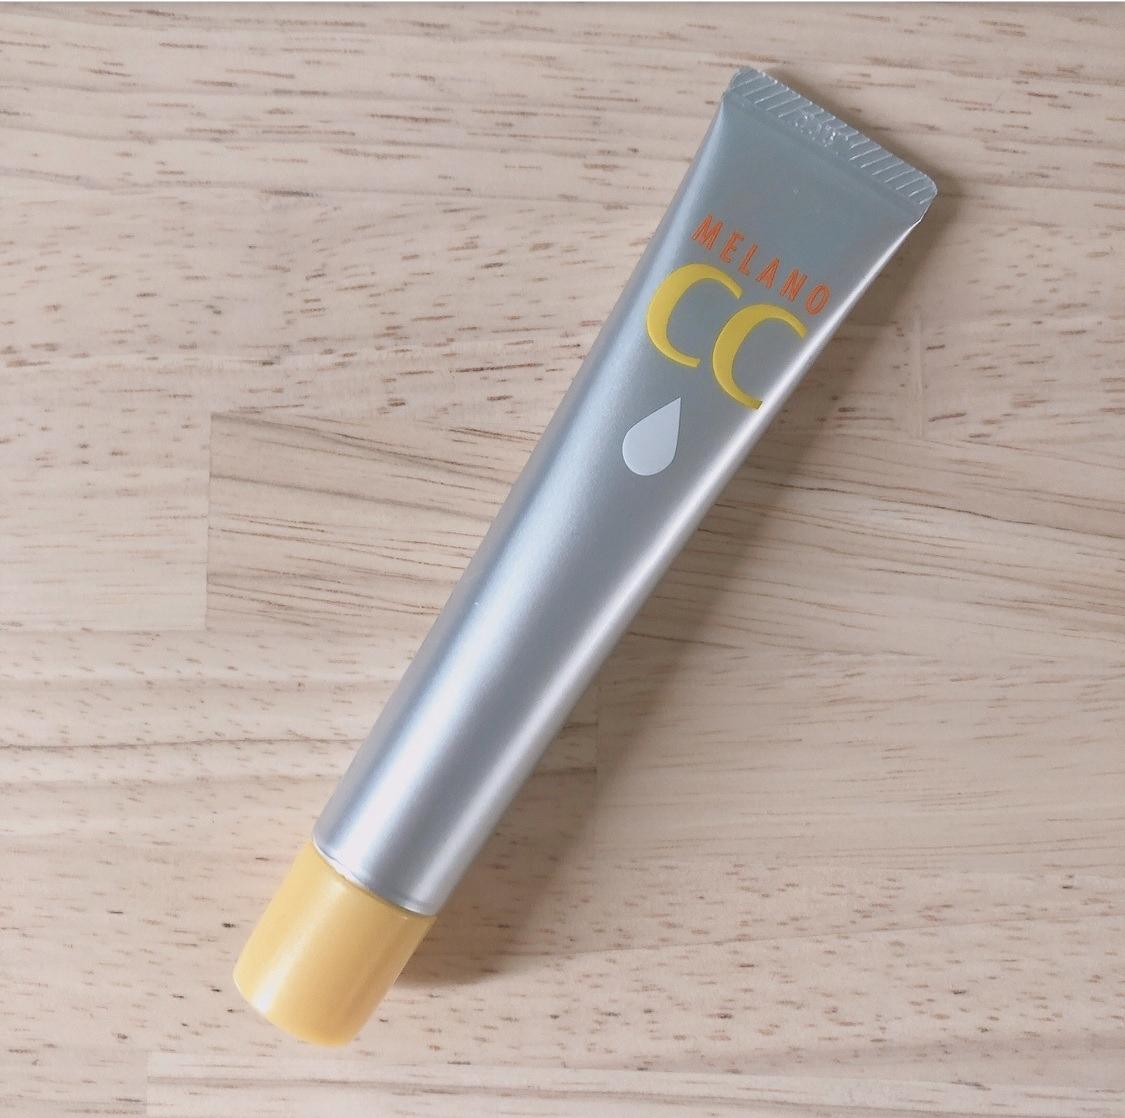 メラノCC 薬用 しみ 集中対策 美容液を使ったみーさん¨̮⸝⋆さんのクチコミ画像1